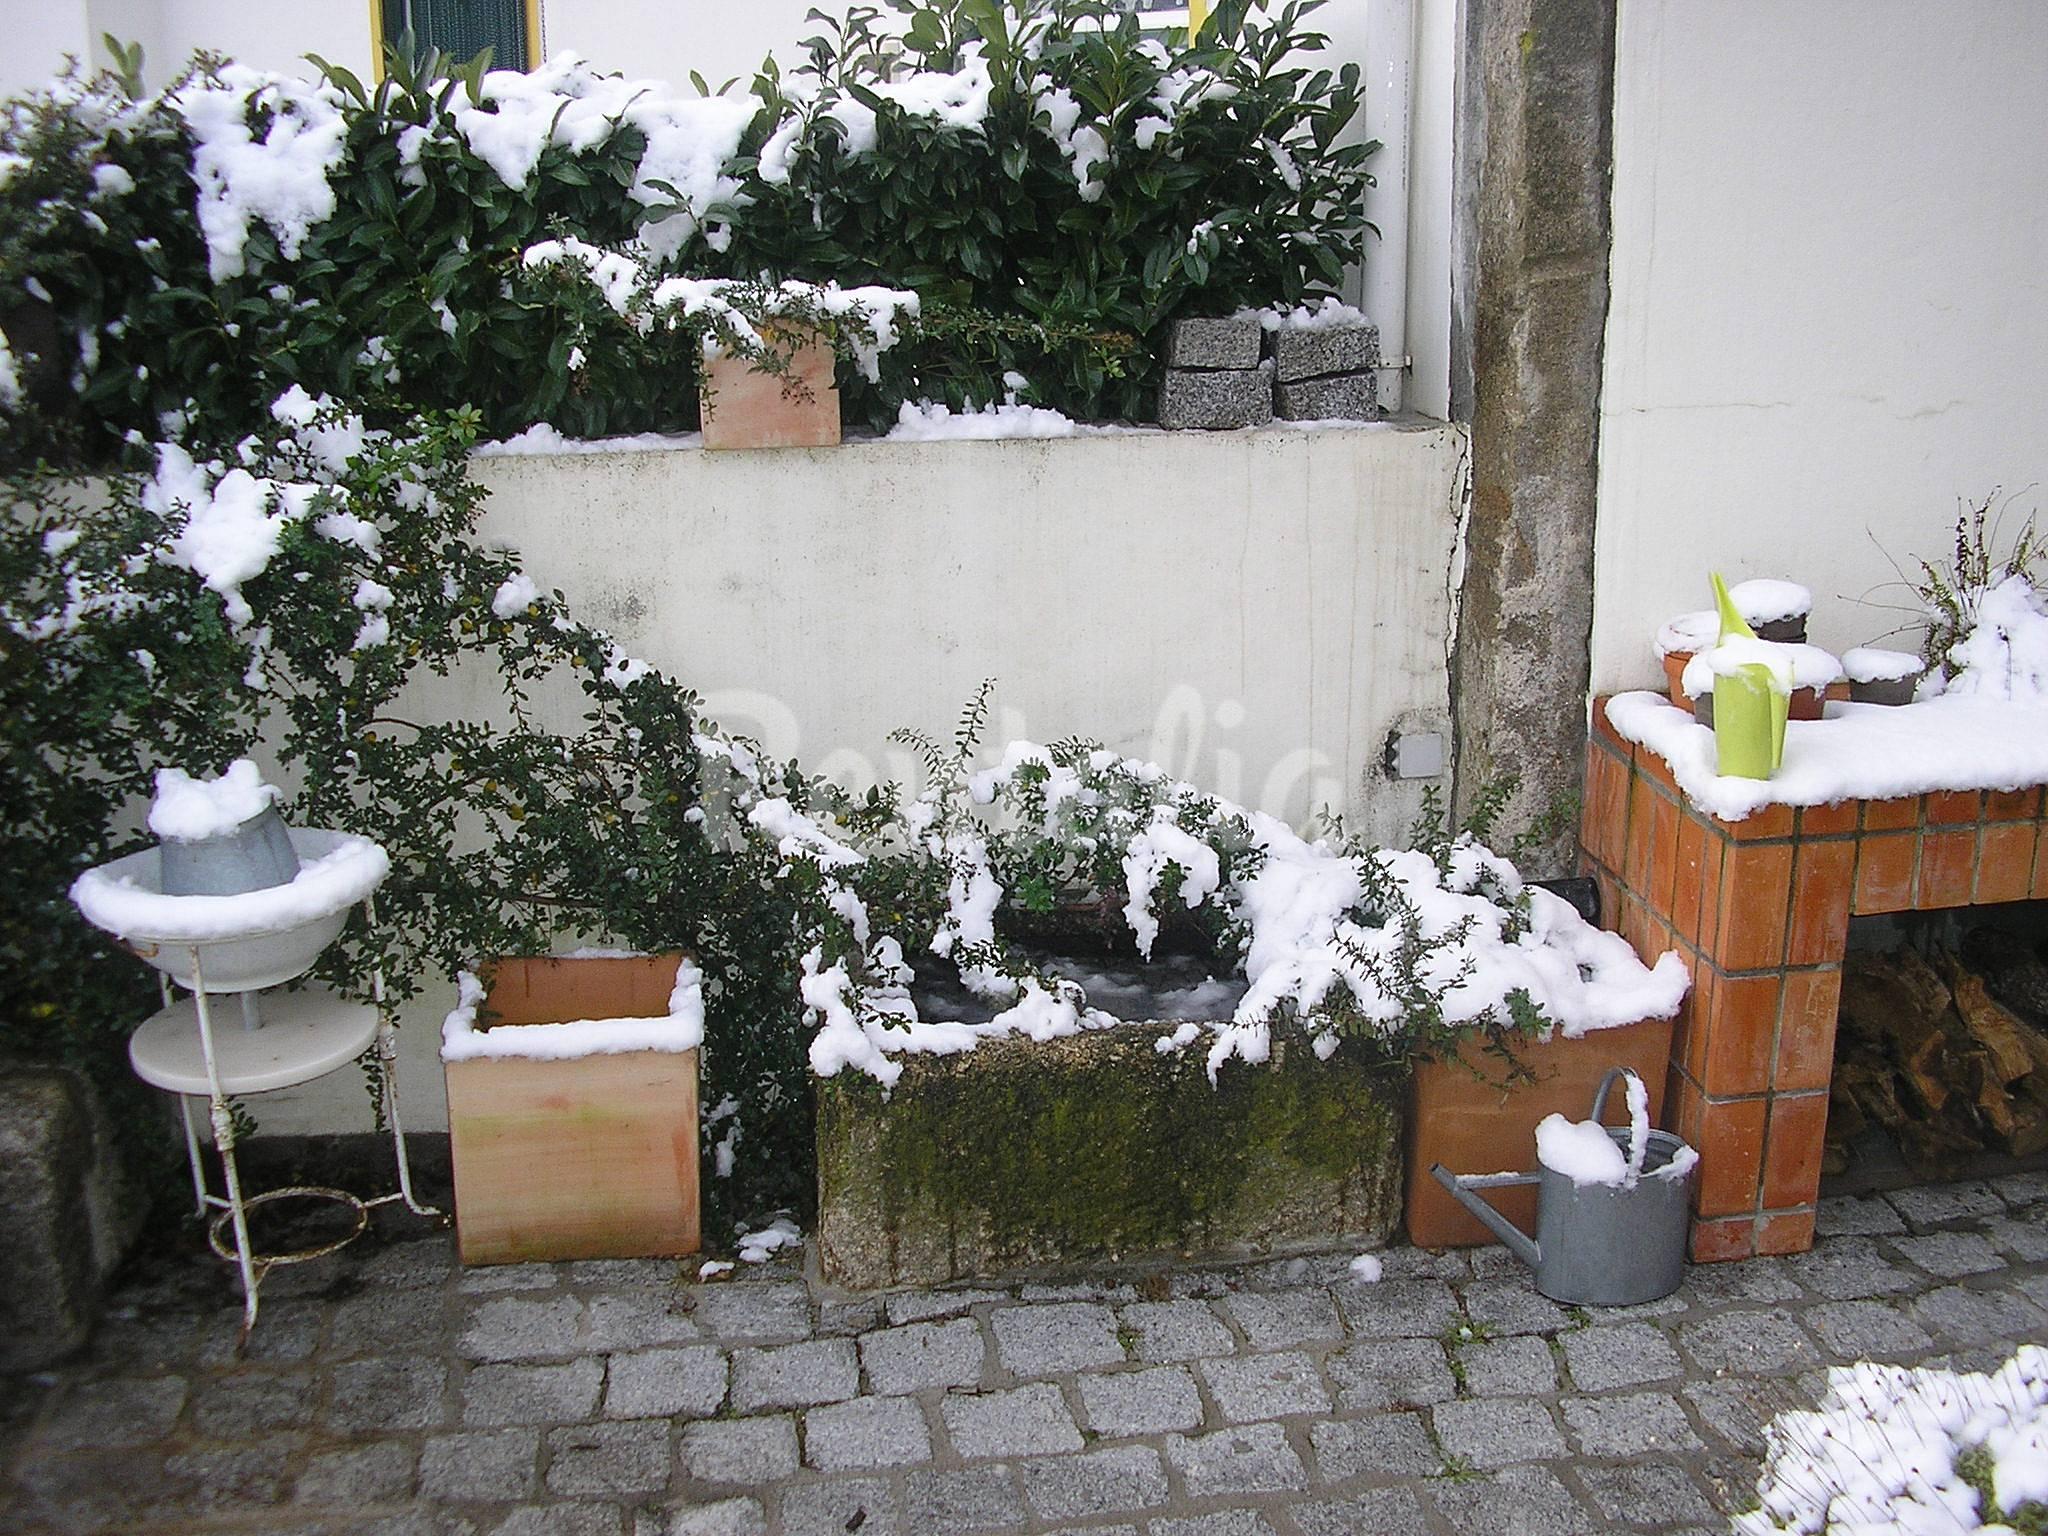 Casa en alquiler con jard n privado vela guarda guarda for Guarda herramientas para jardin